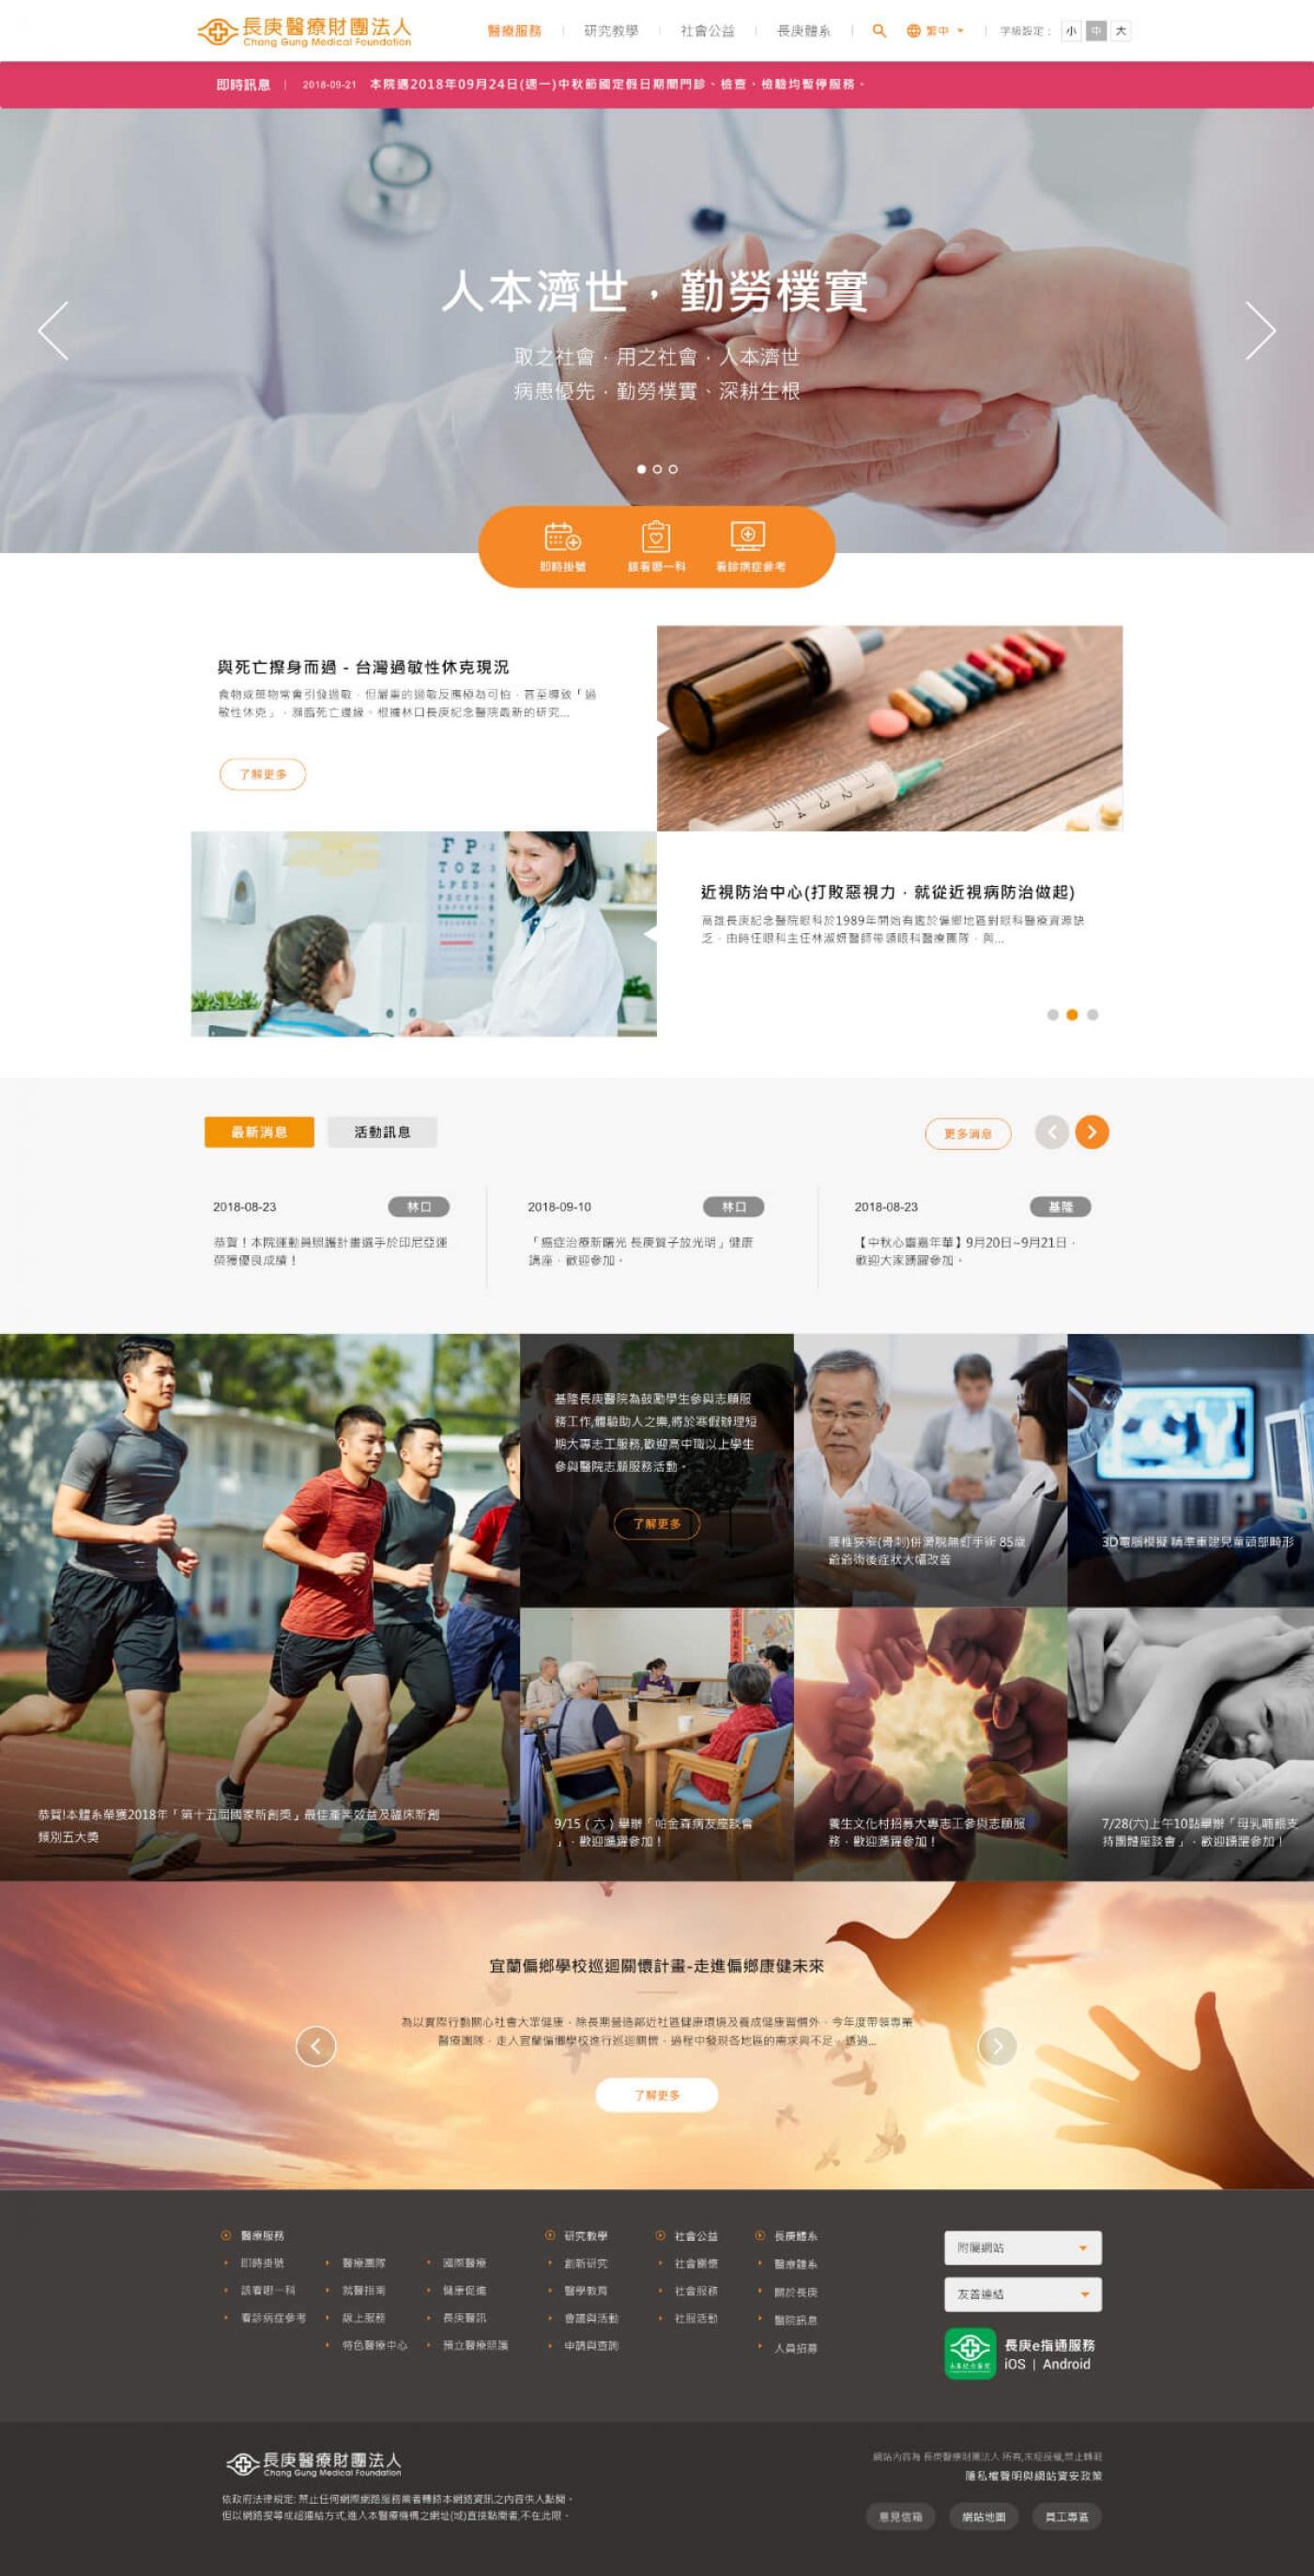 網頁設計-網站設計 - 首頁風格設計